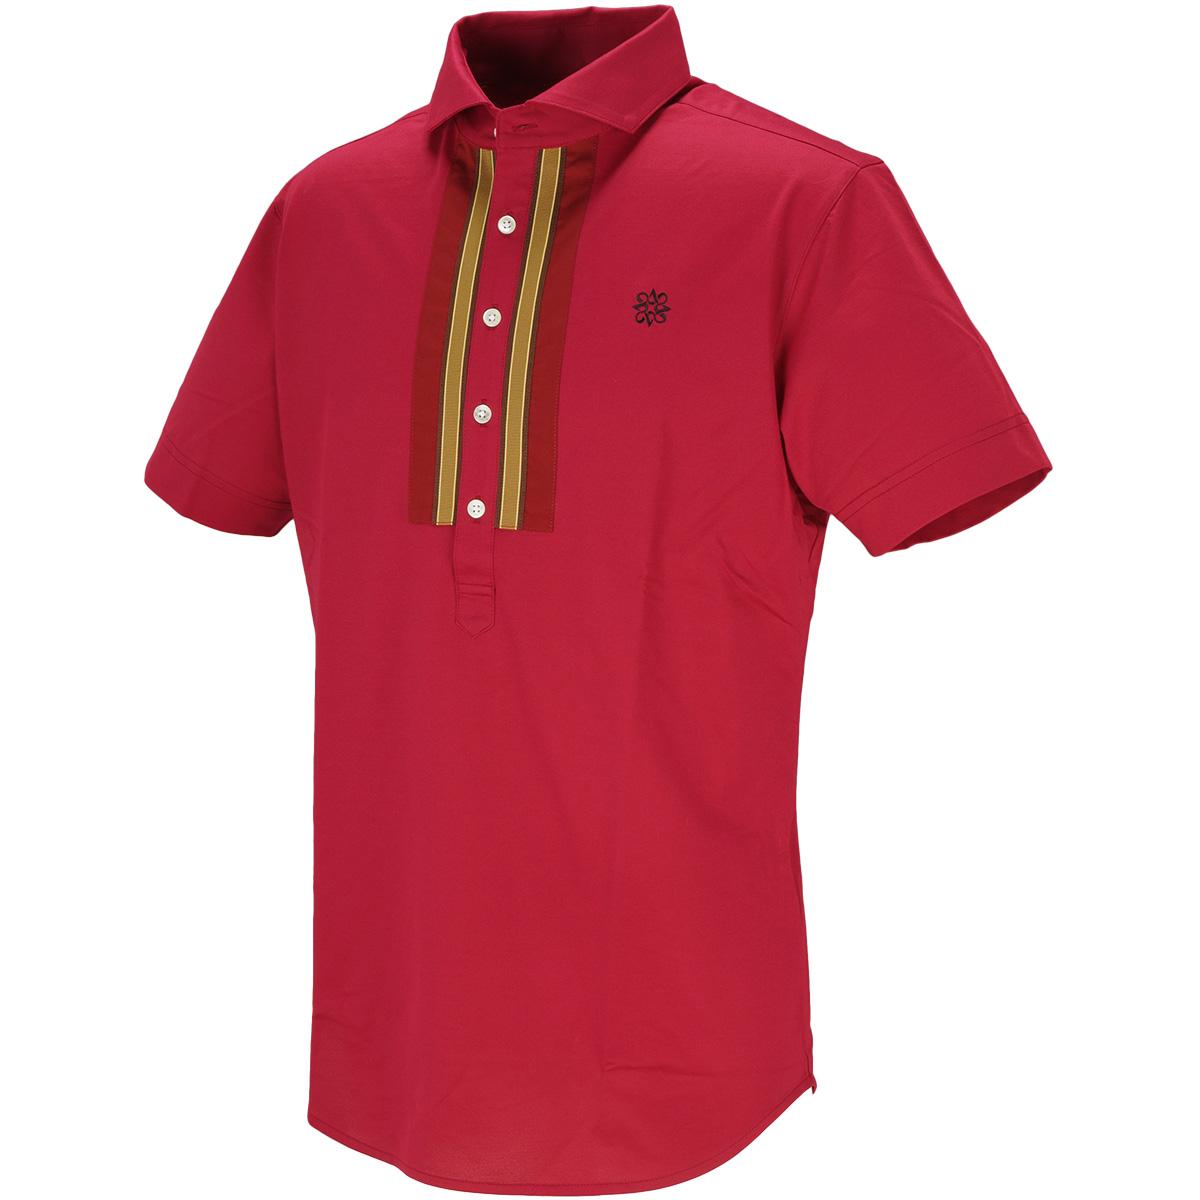 COOLMAXハイゲージハニカム半袖ポロシャツ